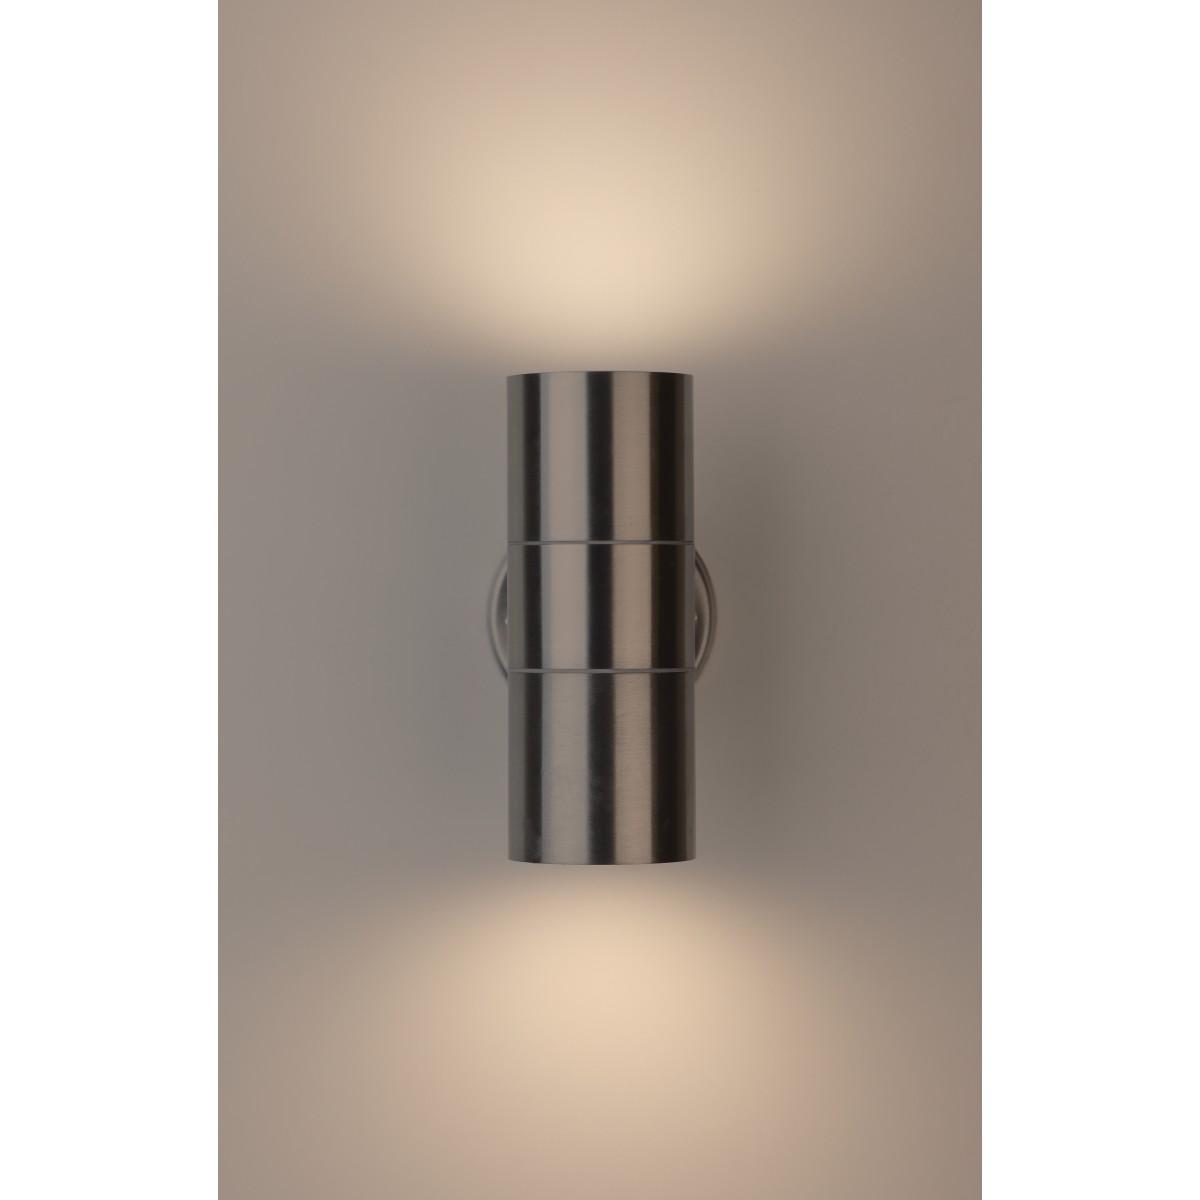 Светильник настенный уличный Эра WL16 35 Вт IP54 цвет хром